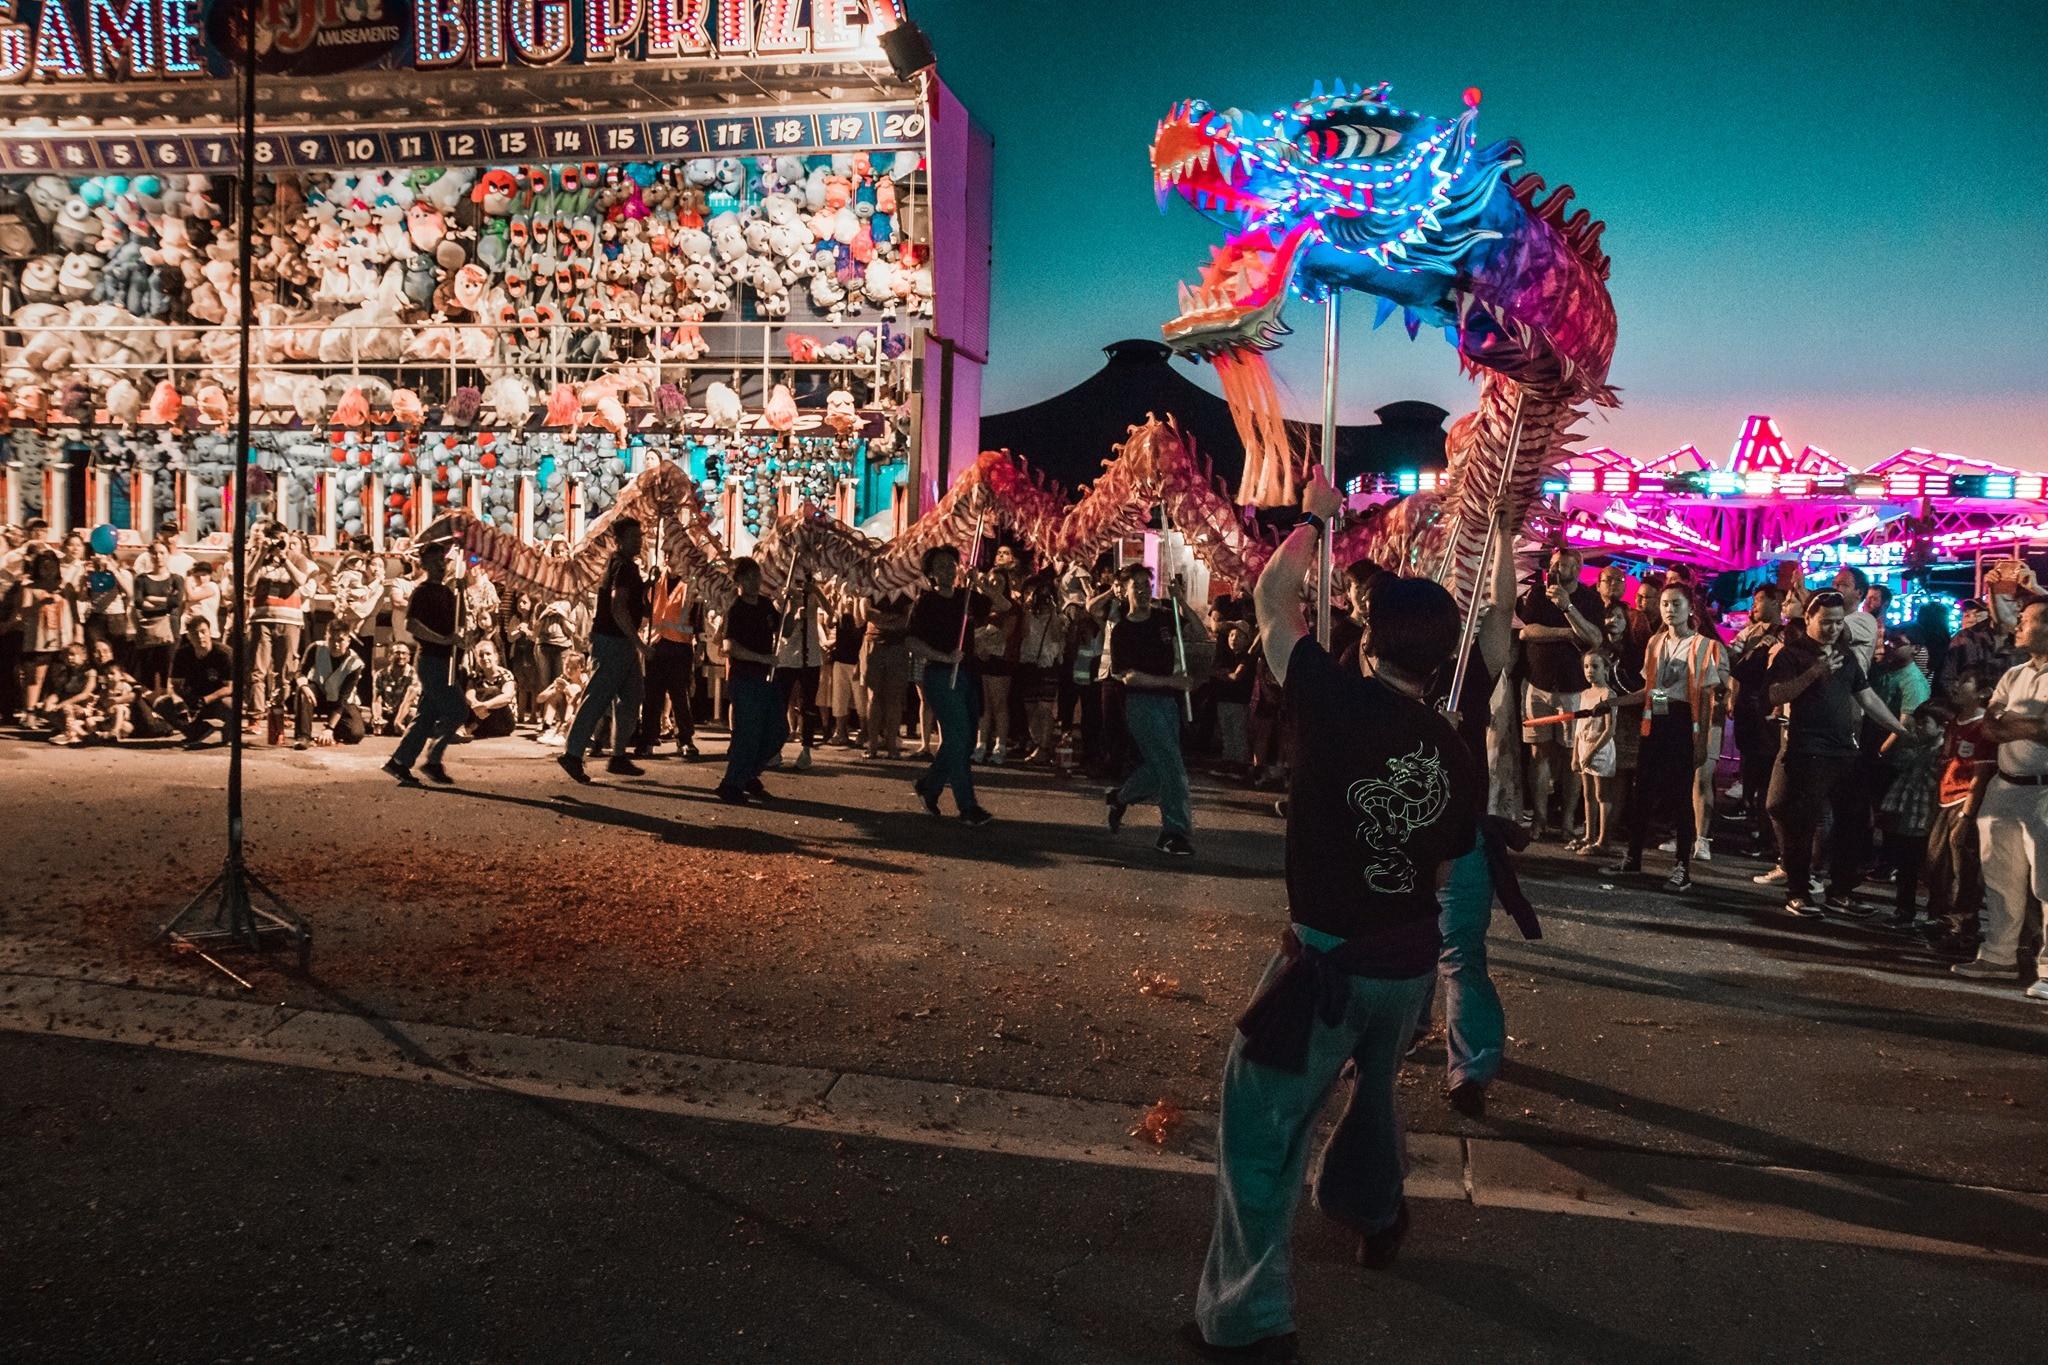 Dragon dance at Tet Festival